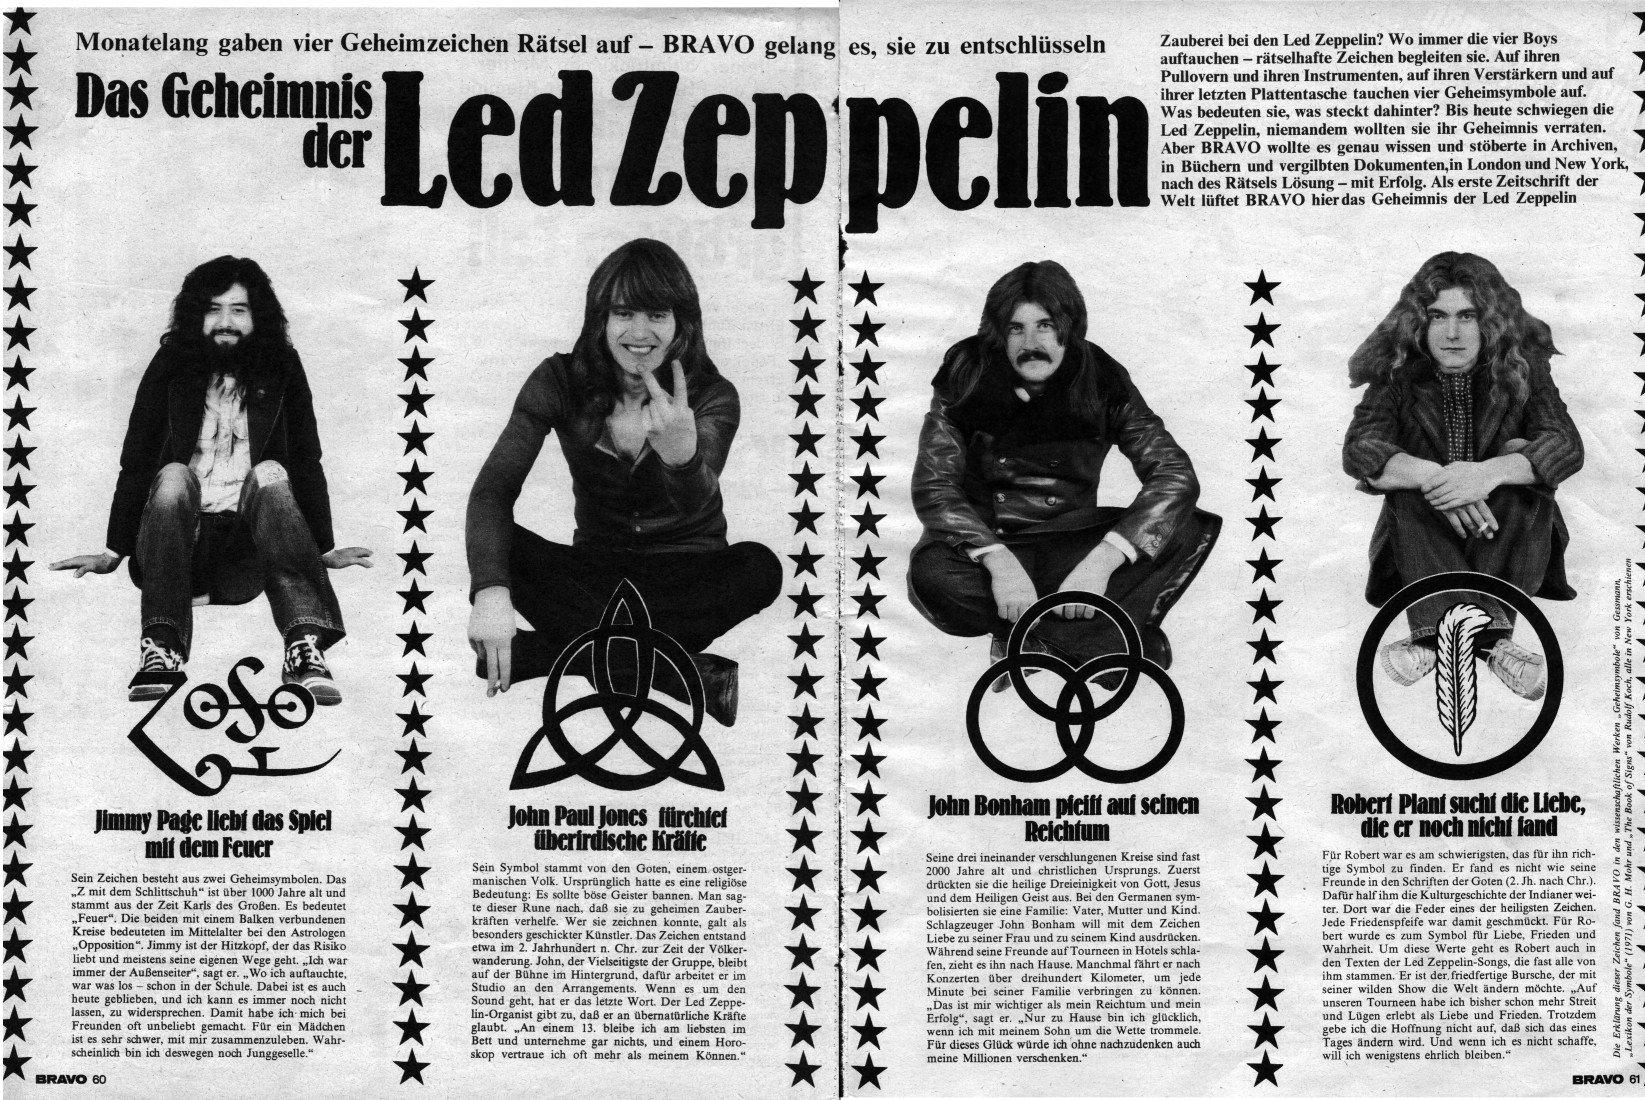 La Chanson de la Semaine 53 dans Musique & Music led-Zeppelin-led-zeppelin-23876802-1645-1100